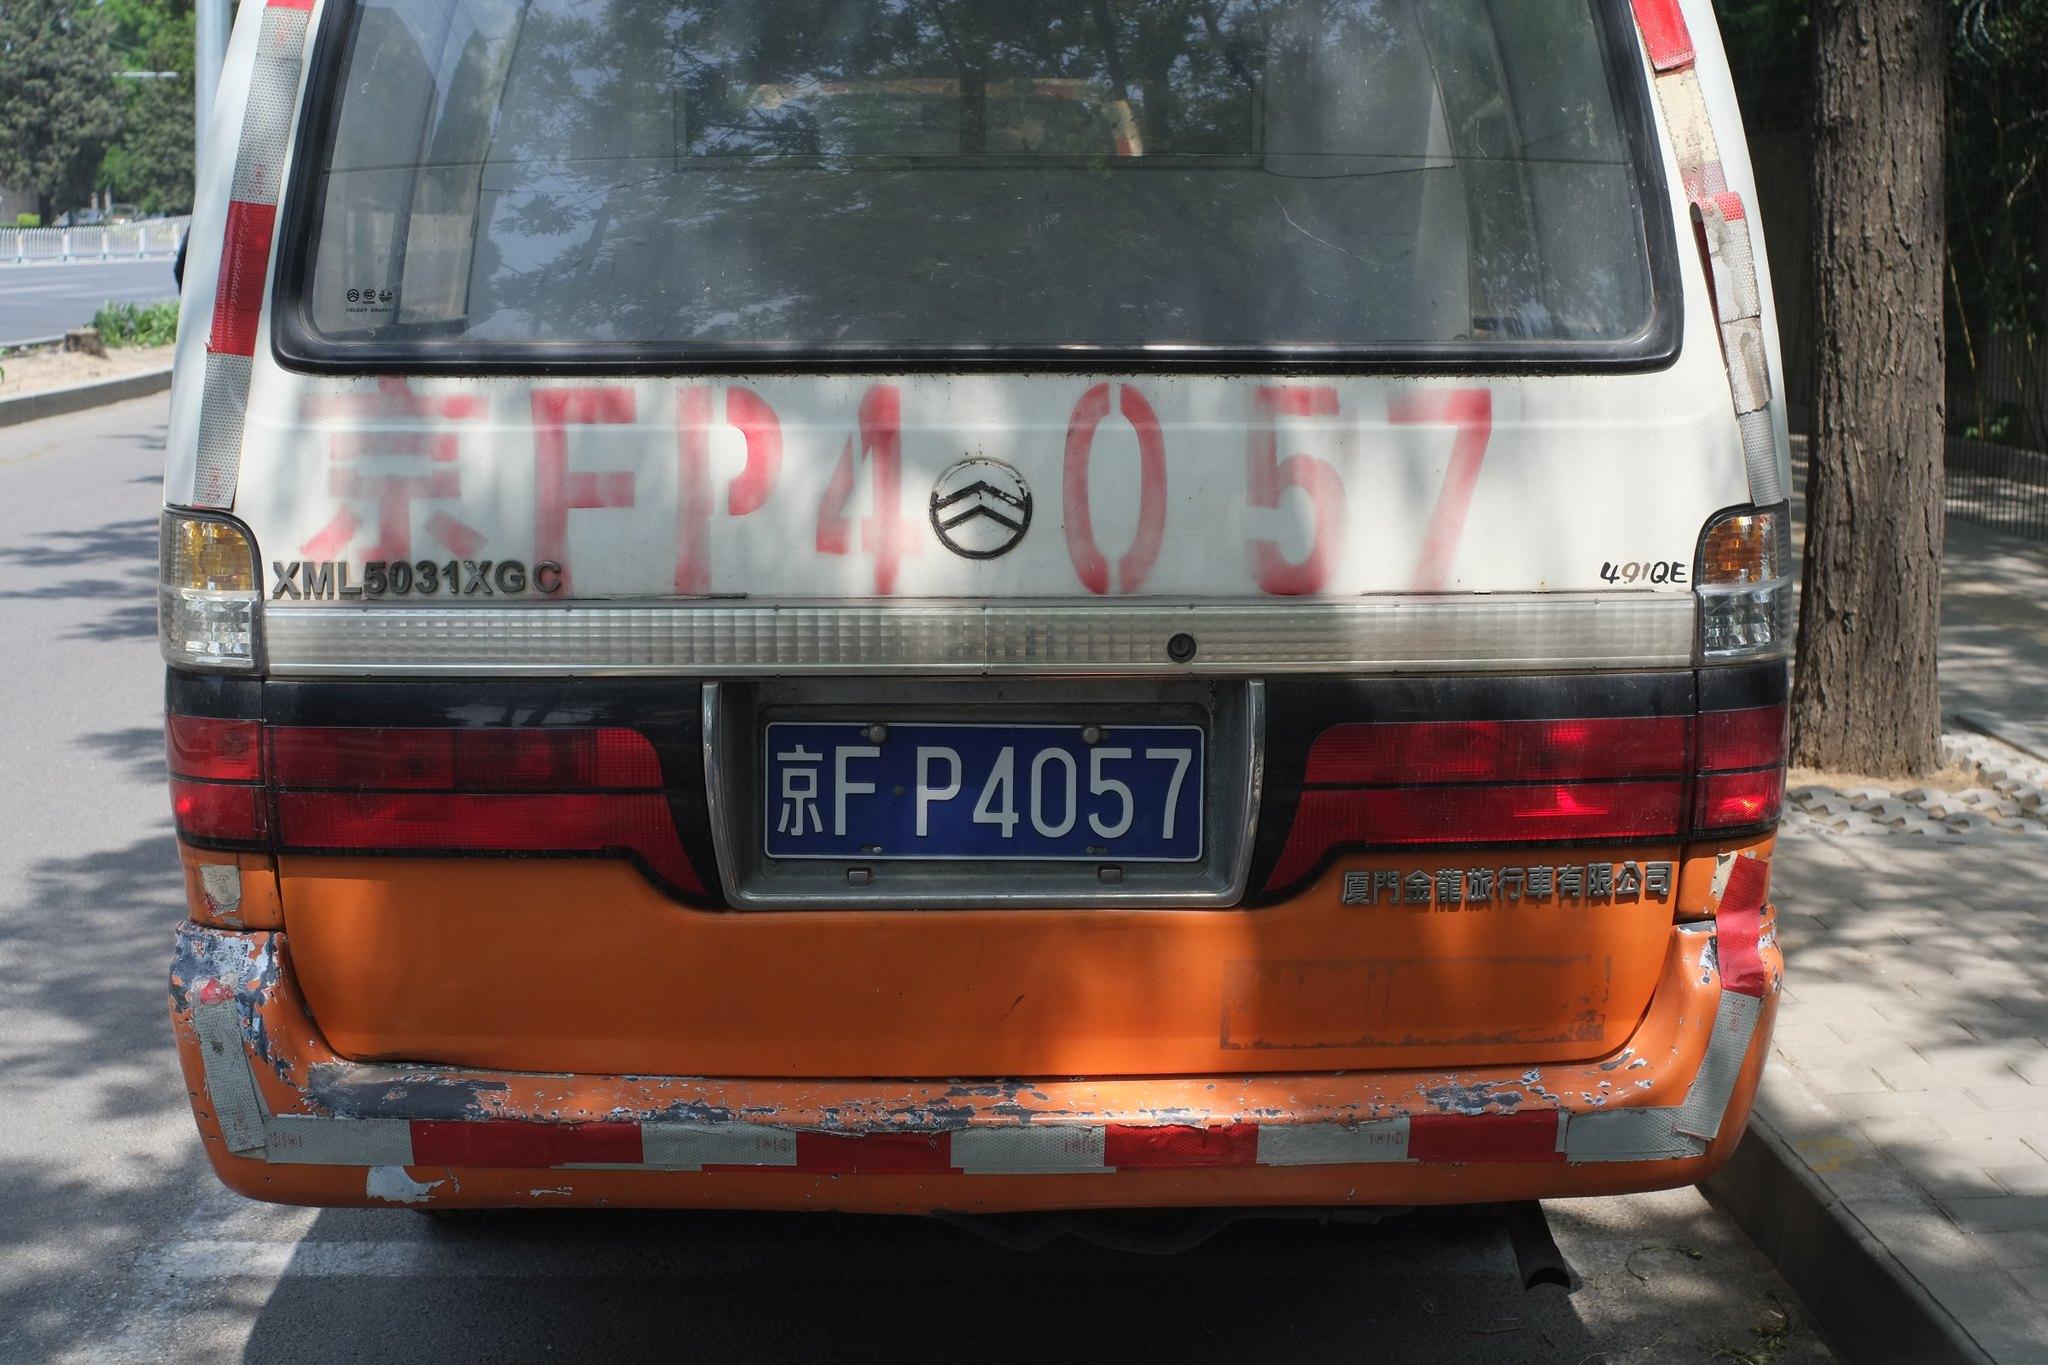 Autobezeichnungen in CN